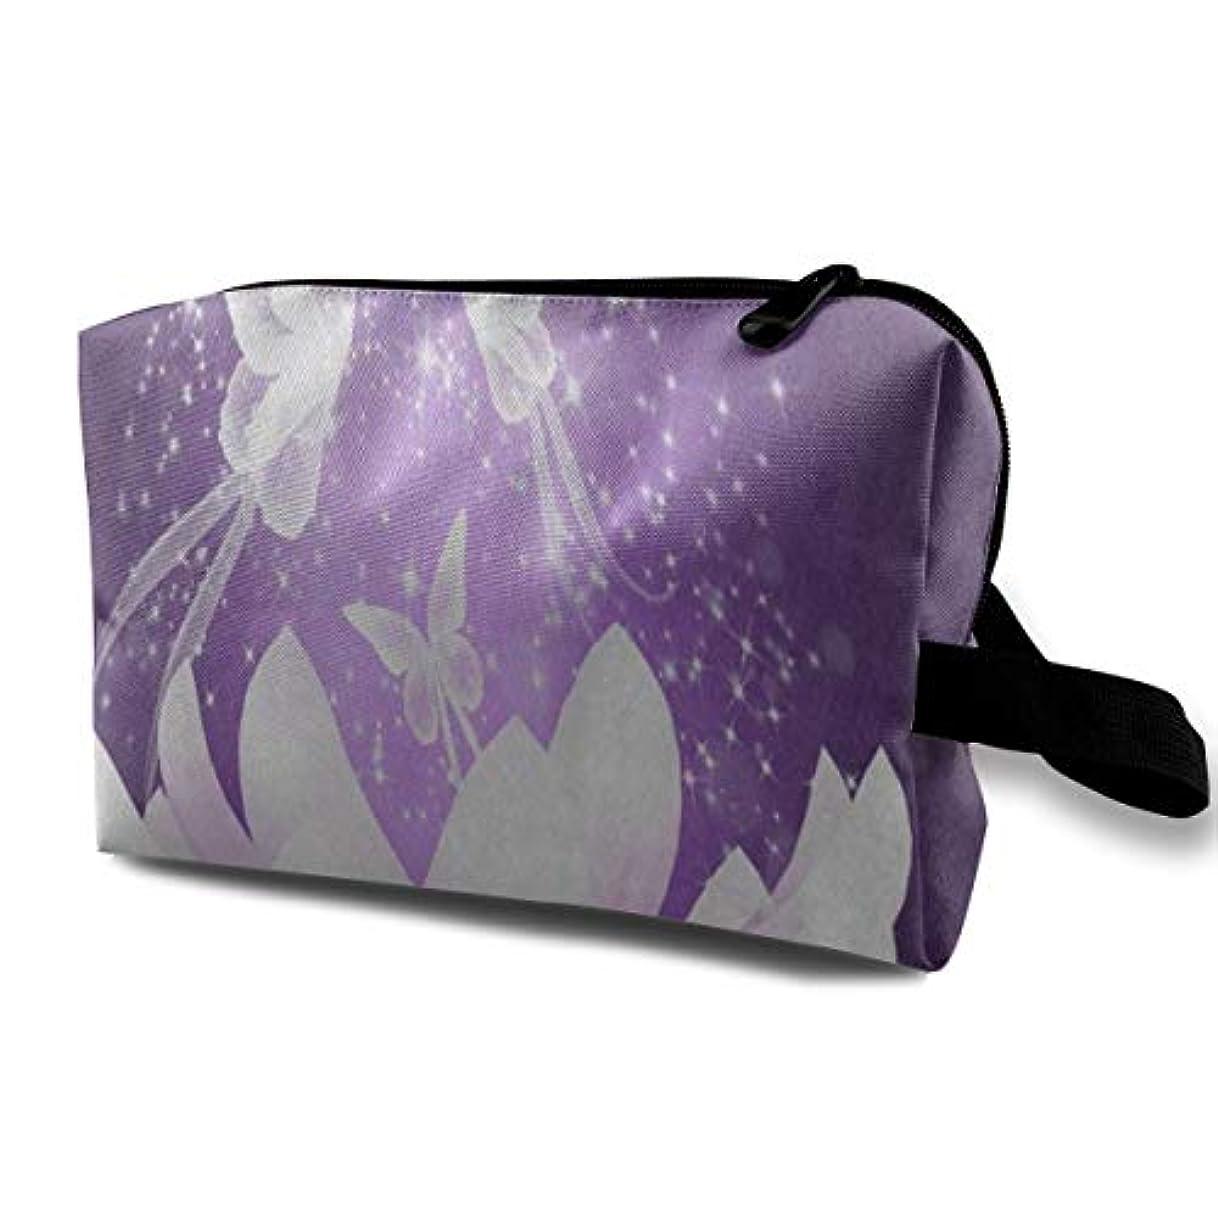 医療過誤飛ぶ試み美しい紫蝶蓮の花 ポーチ 旅行 化粧ポーチ 防水 収納ポーチ コスメポーチ 軽量 トラベルポーチ25cm×16cm×12cm